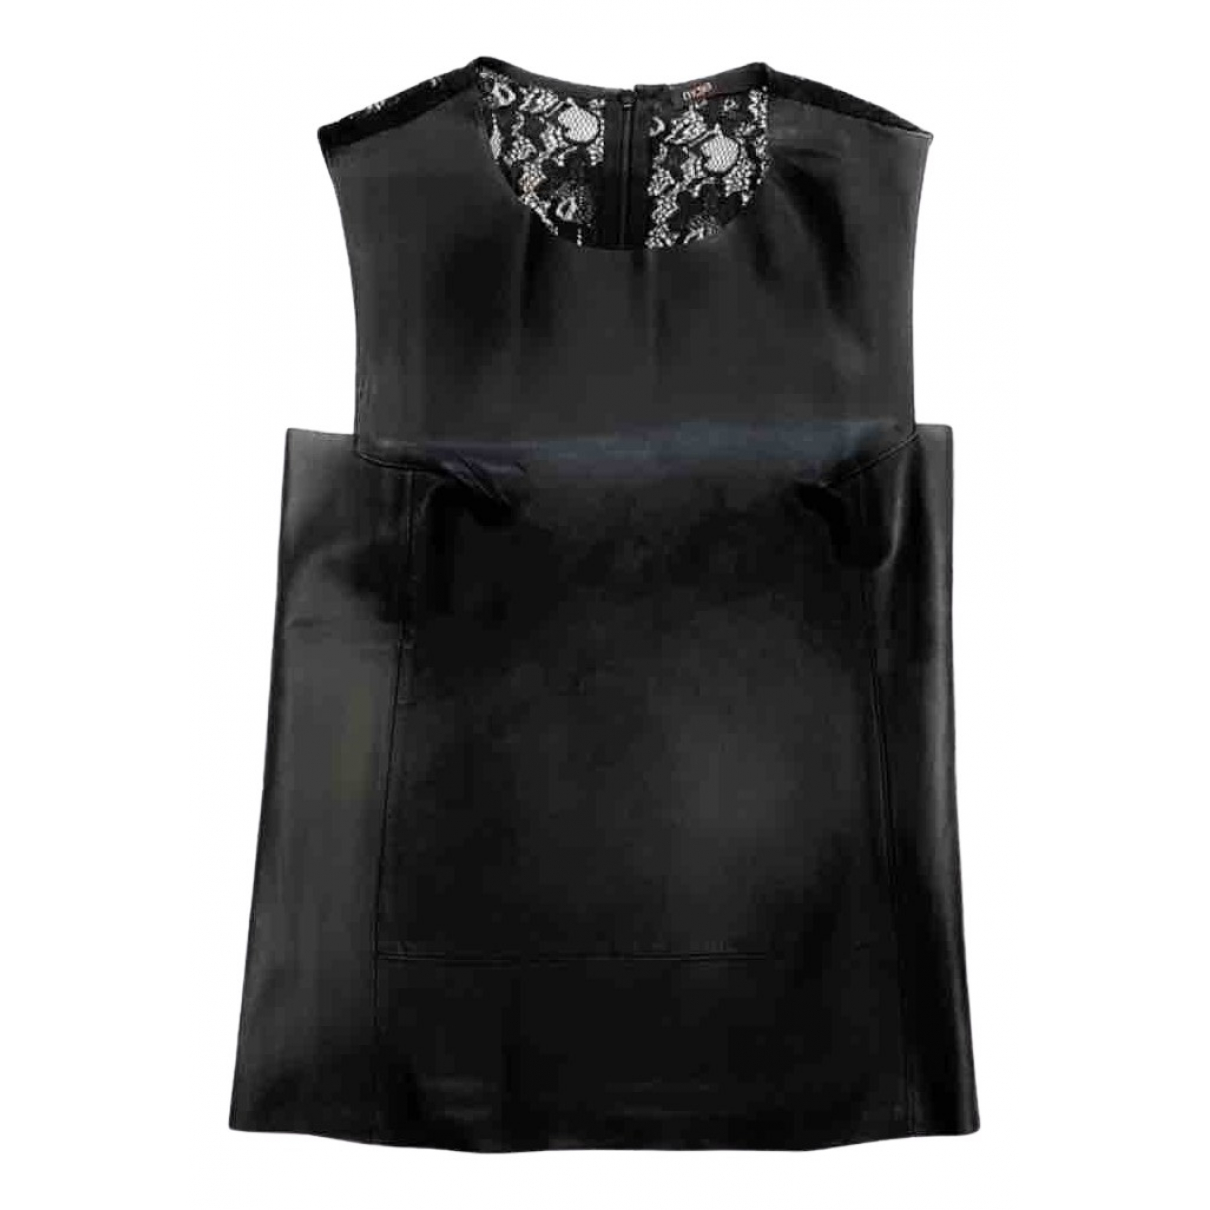 Maje - Top   pour femme en cuir - noir